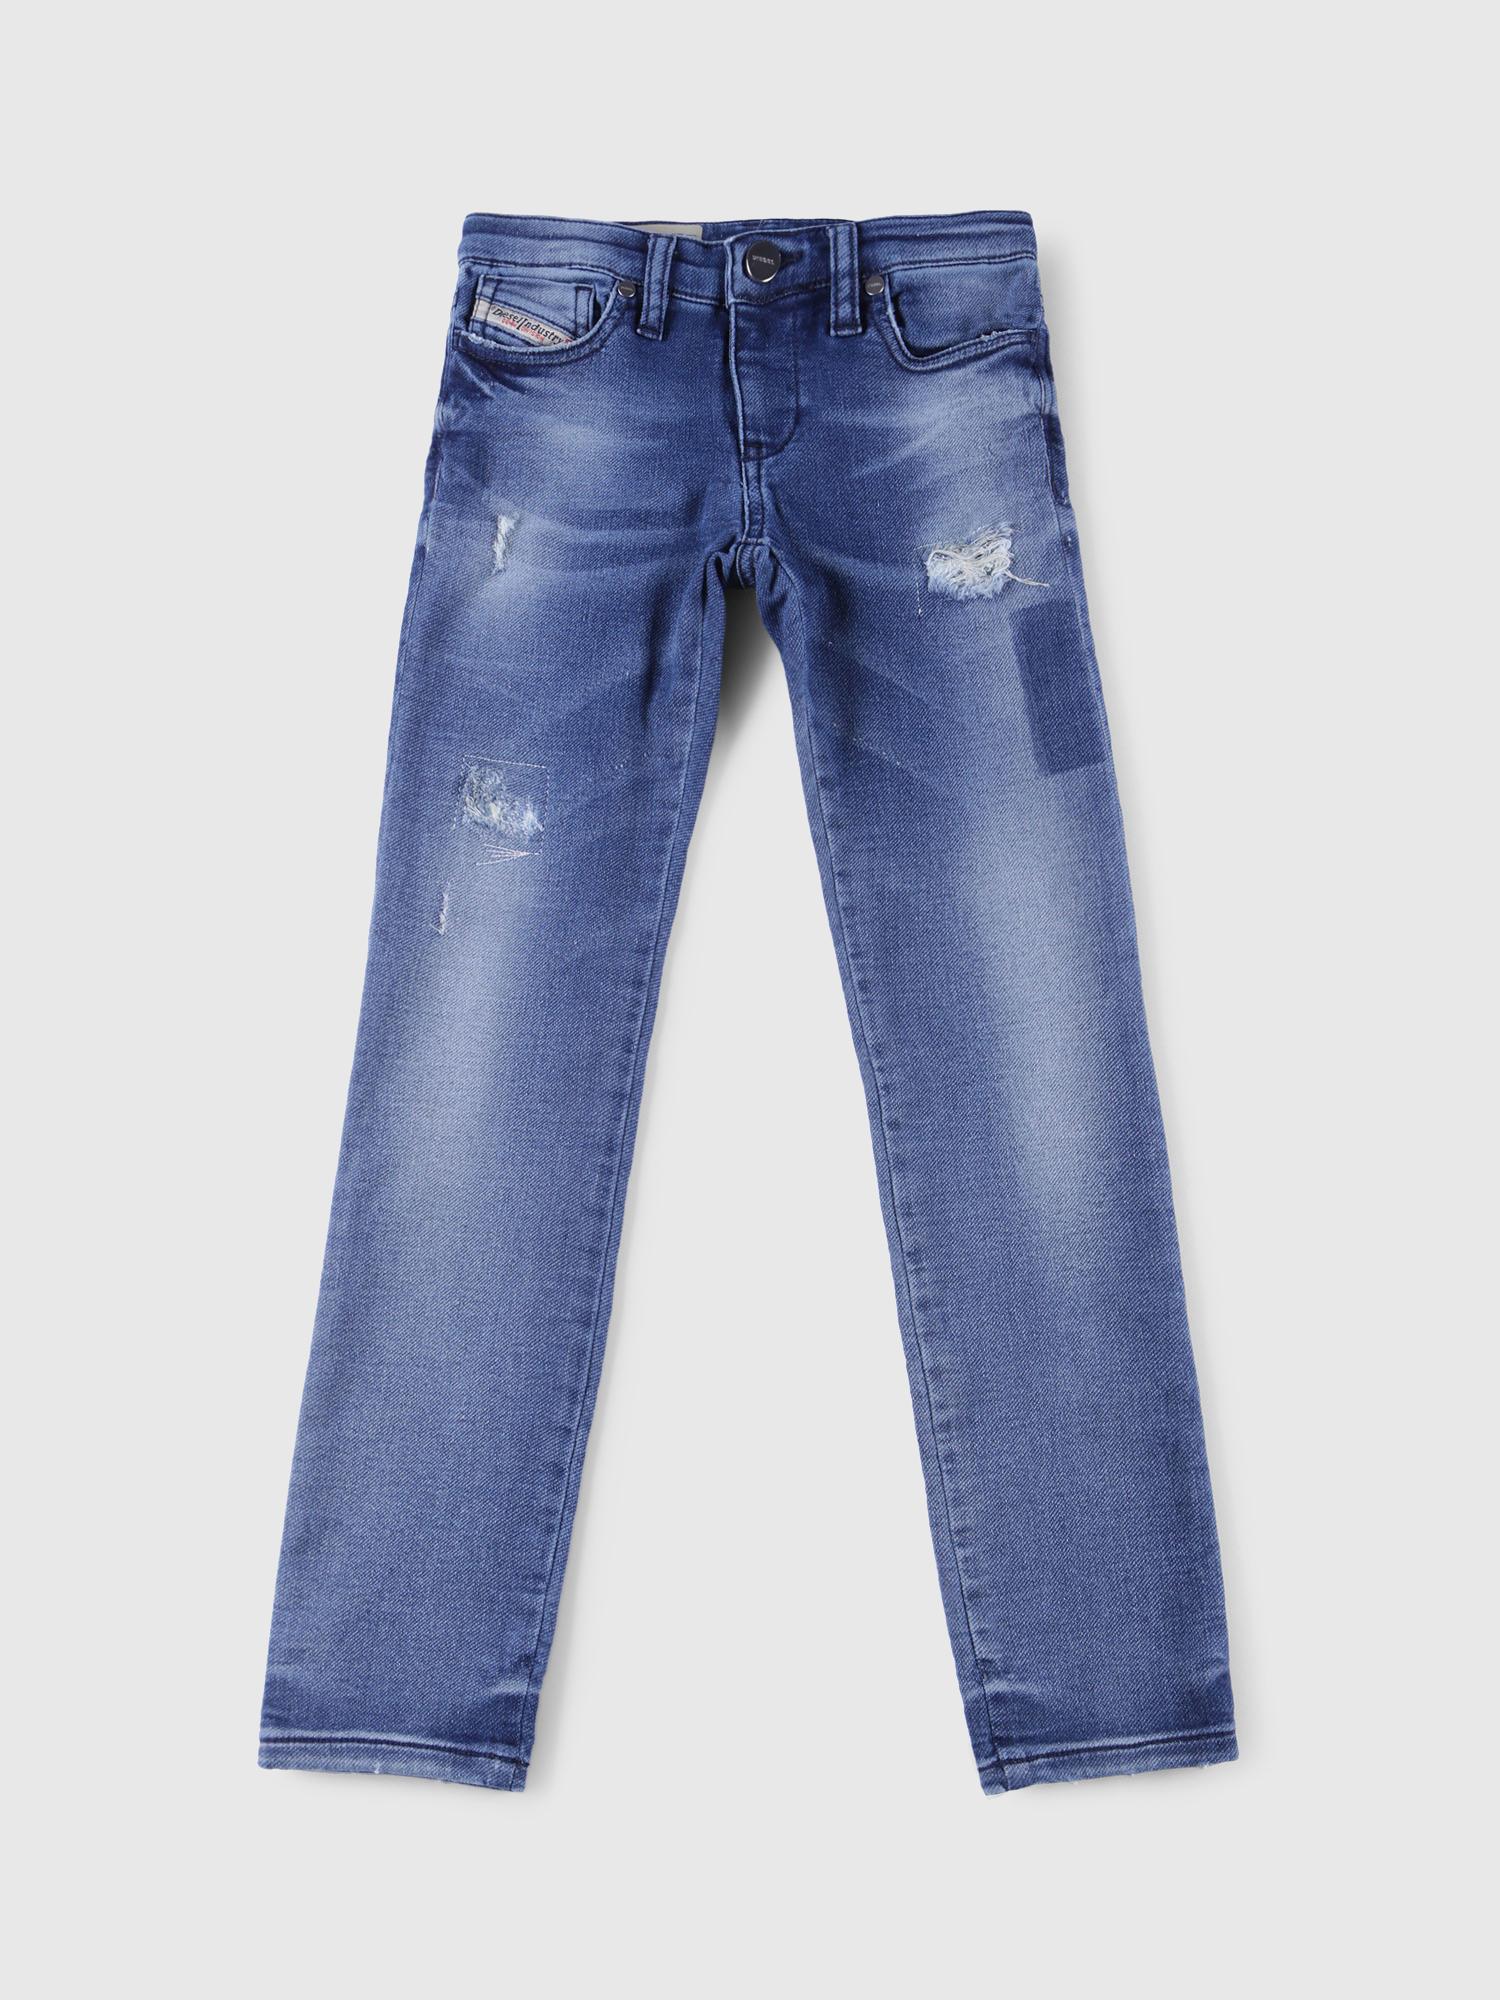 Diesel Jeans KXA91 - Blue - 4Y